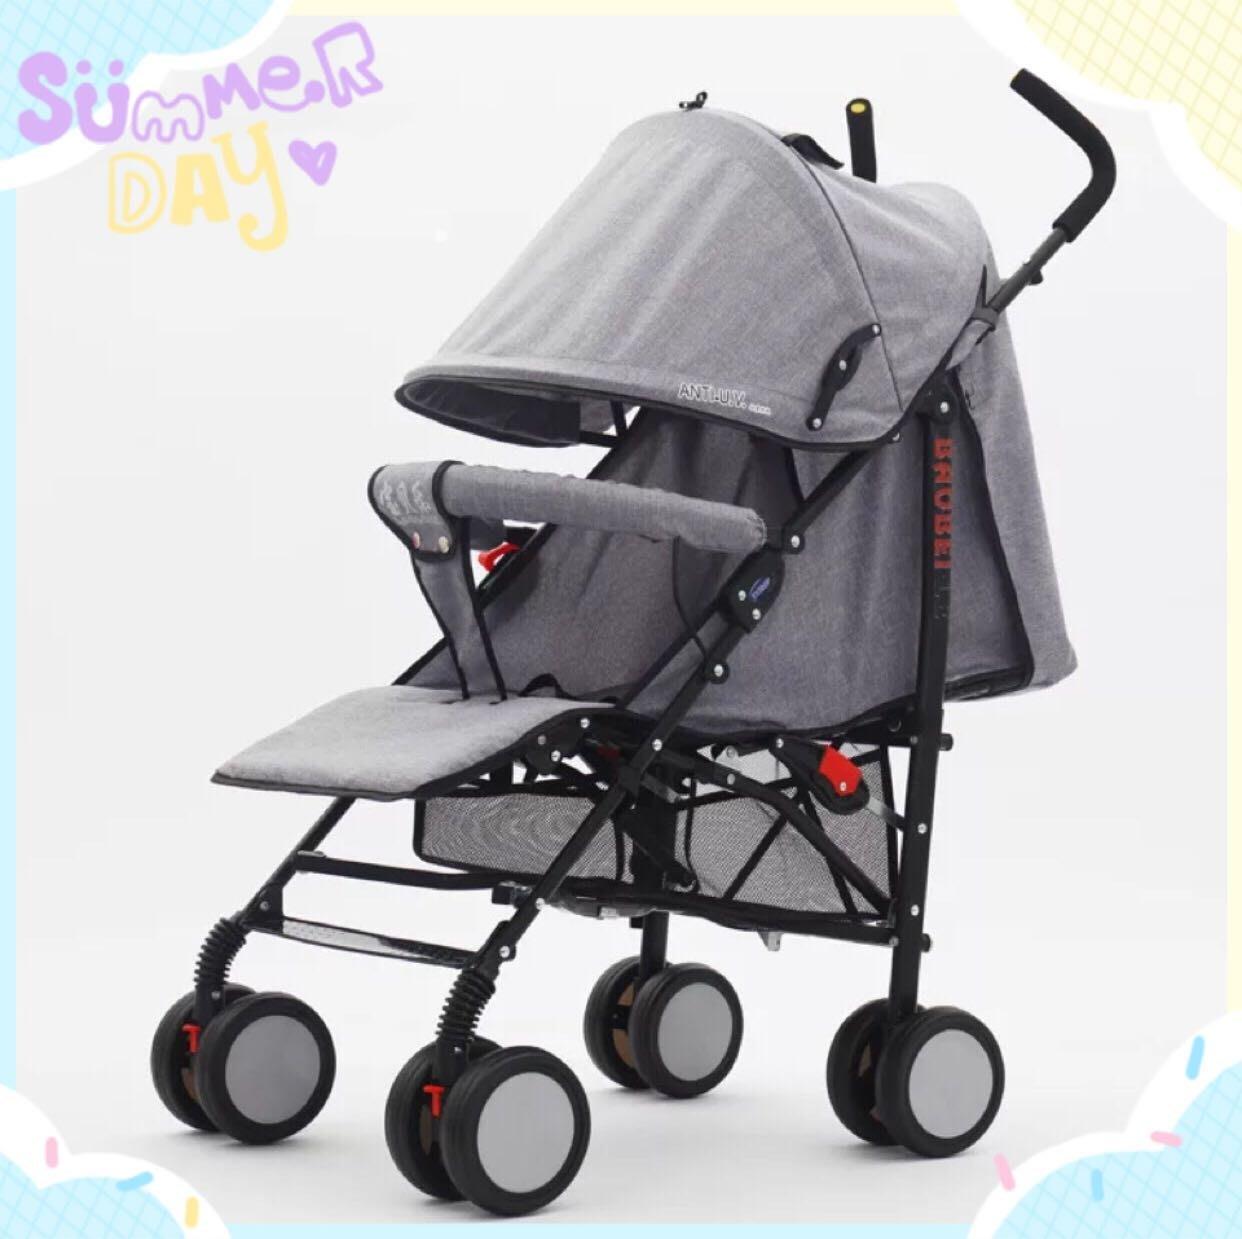 高級萊卡布嬰兒手推車 輕便嬰兒推車 可上飛機 《伊凡斯精品》